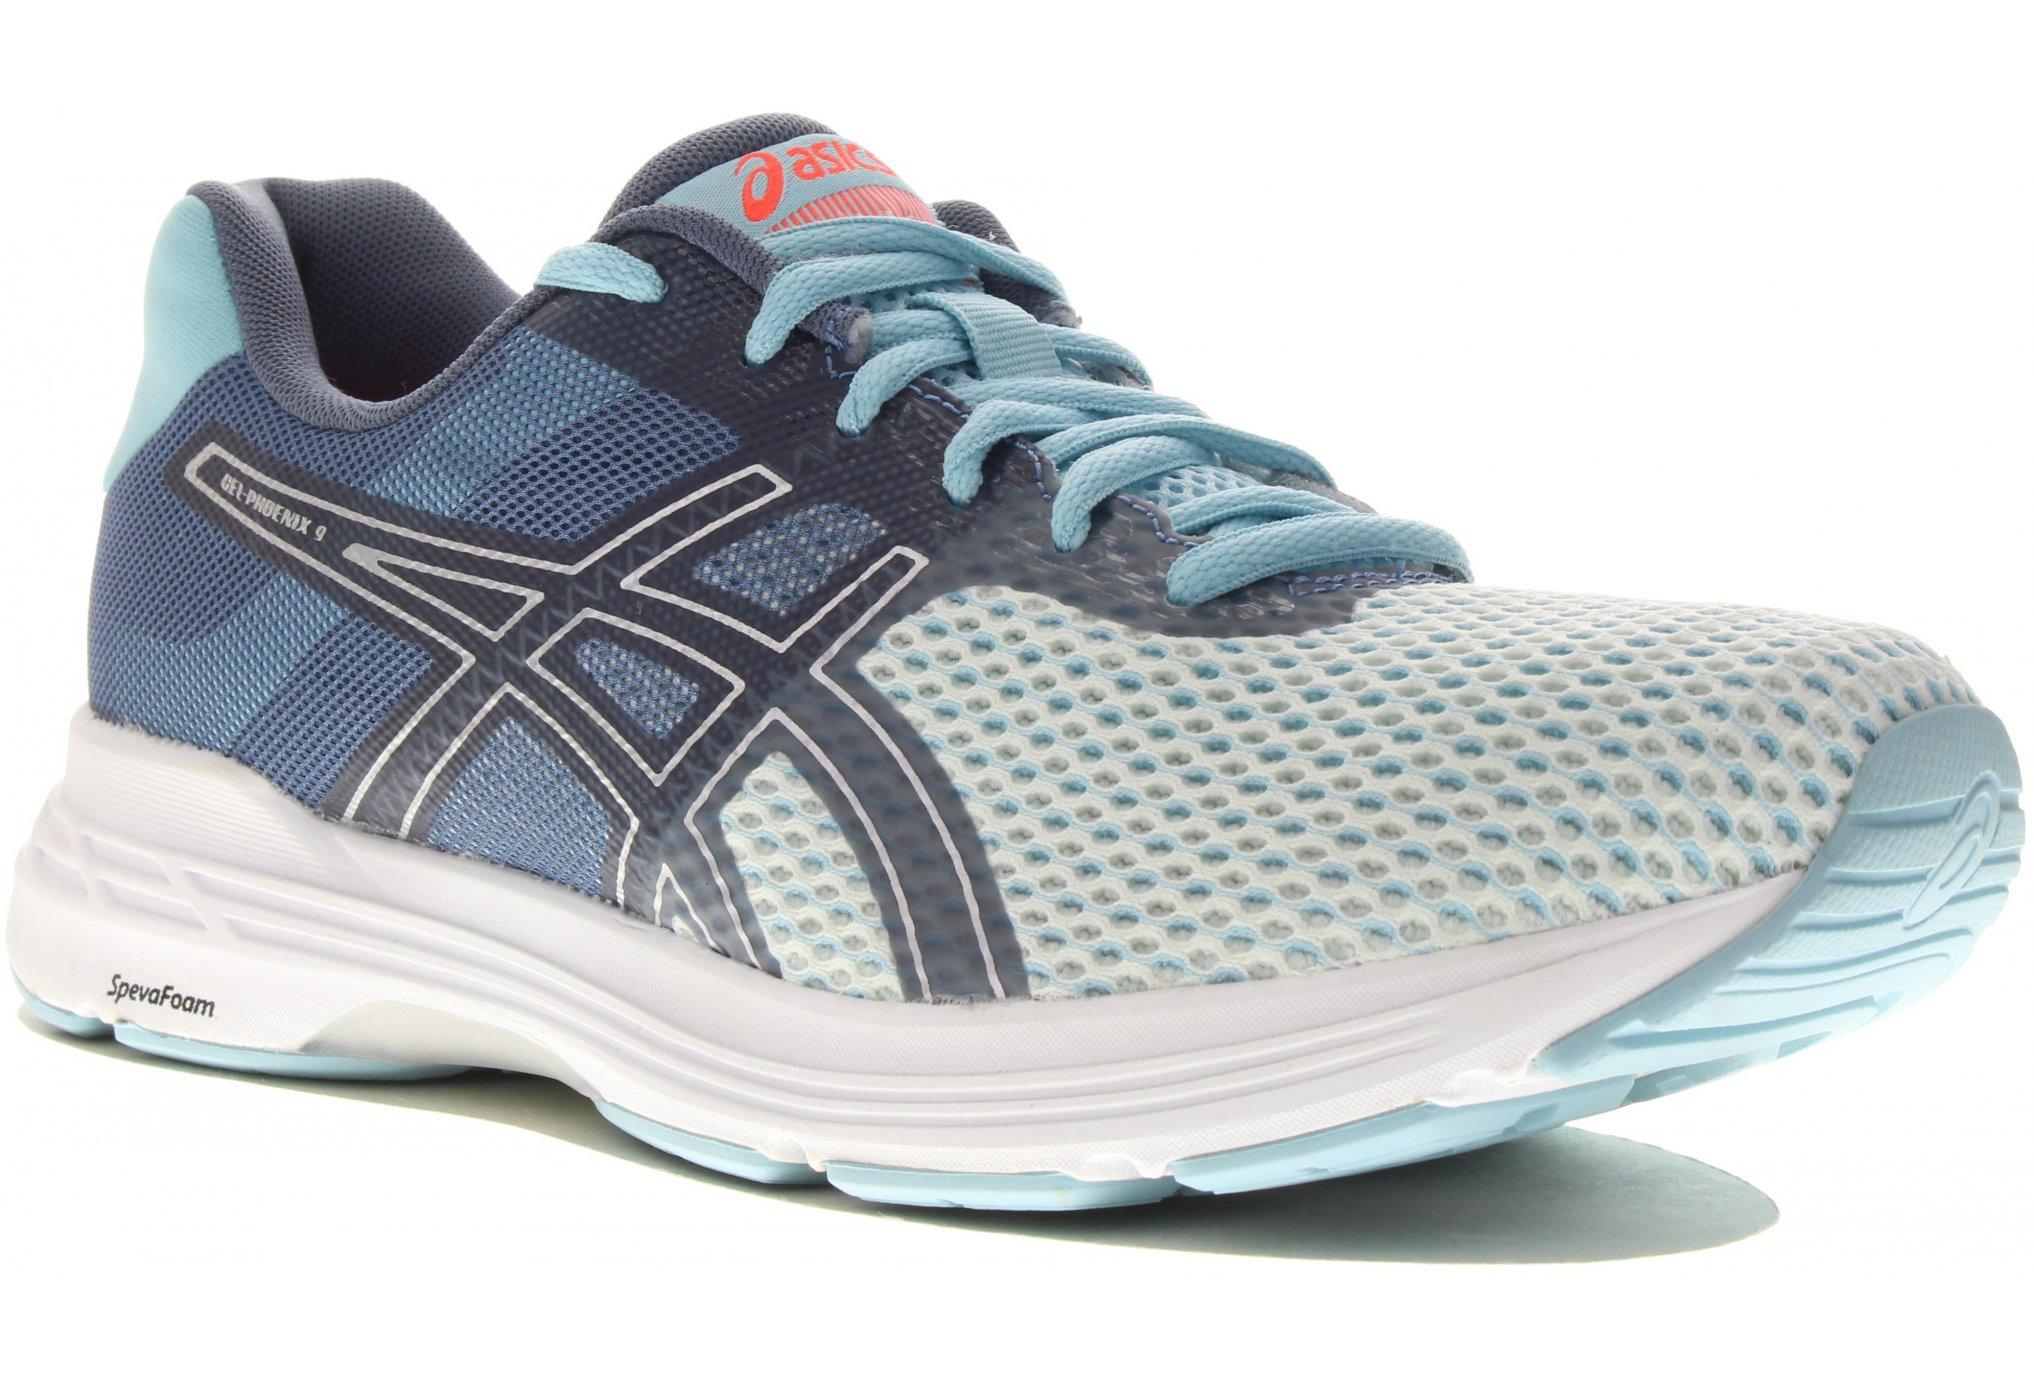 Asics Gel-Phoenix 9 Chaussures running femme